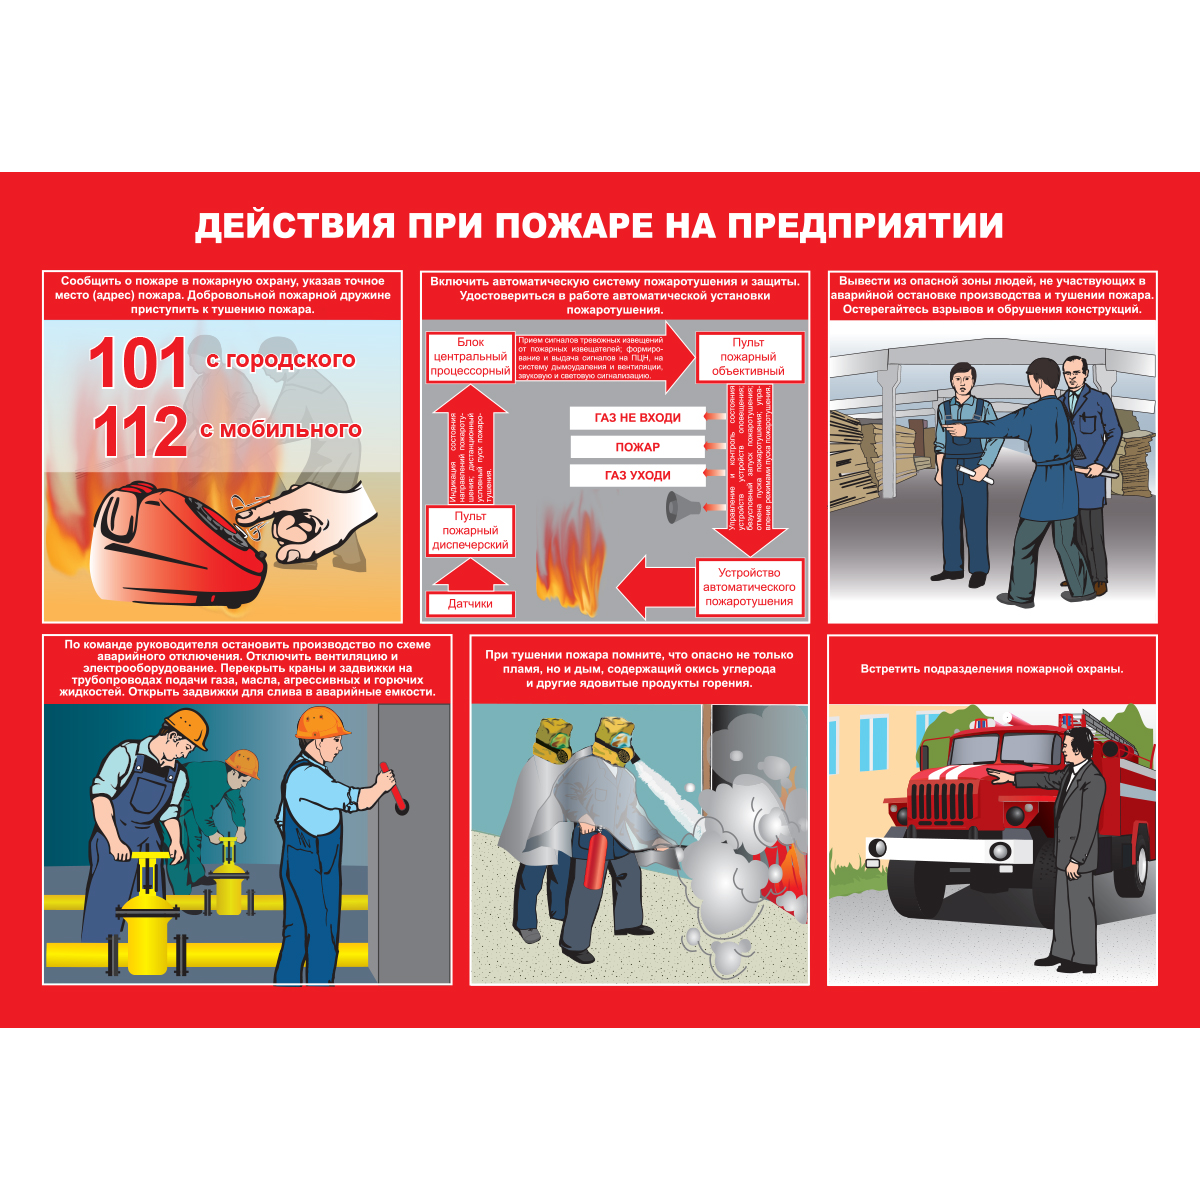 монтаж ремонт и обслуживание систем оповещения и эвакуации при пожаре